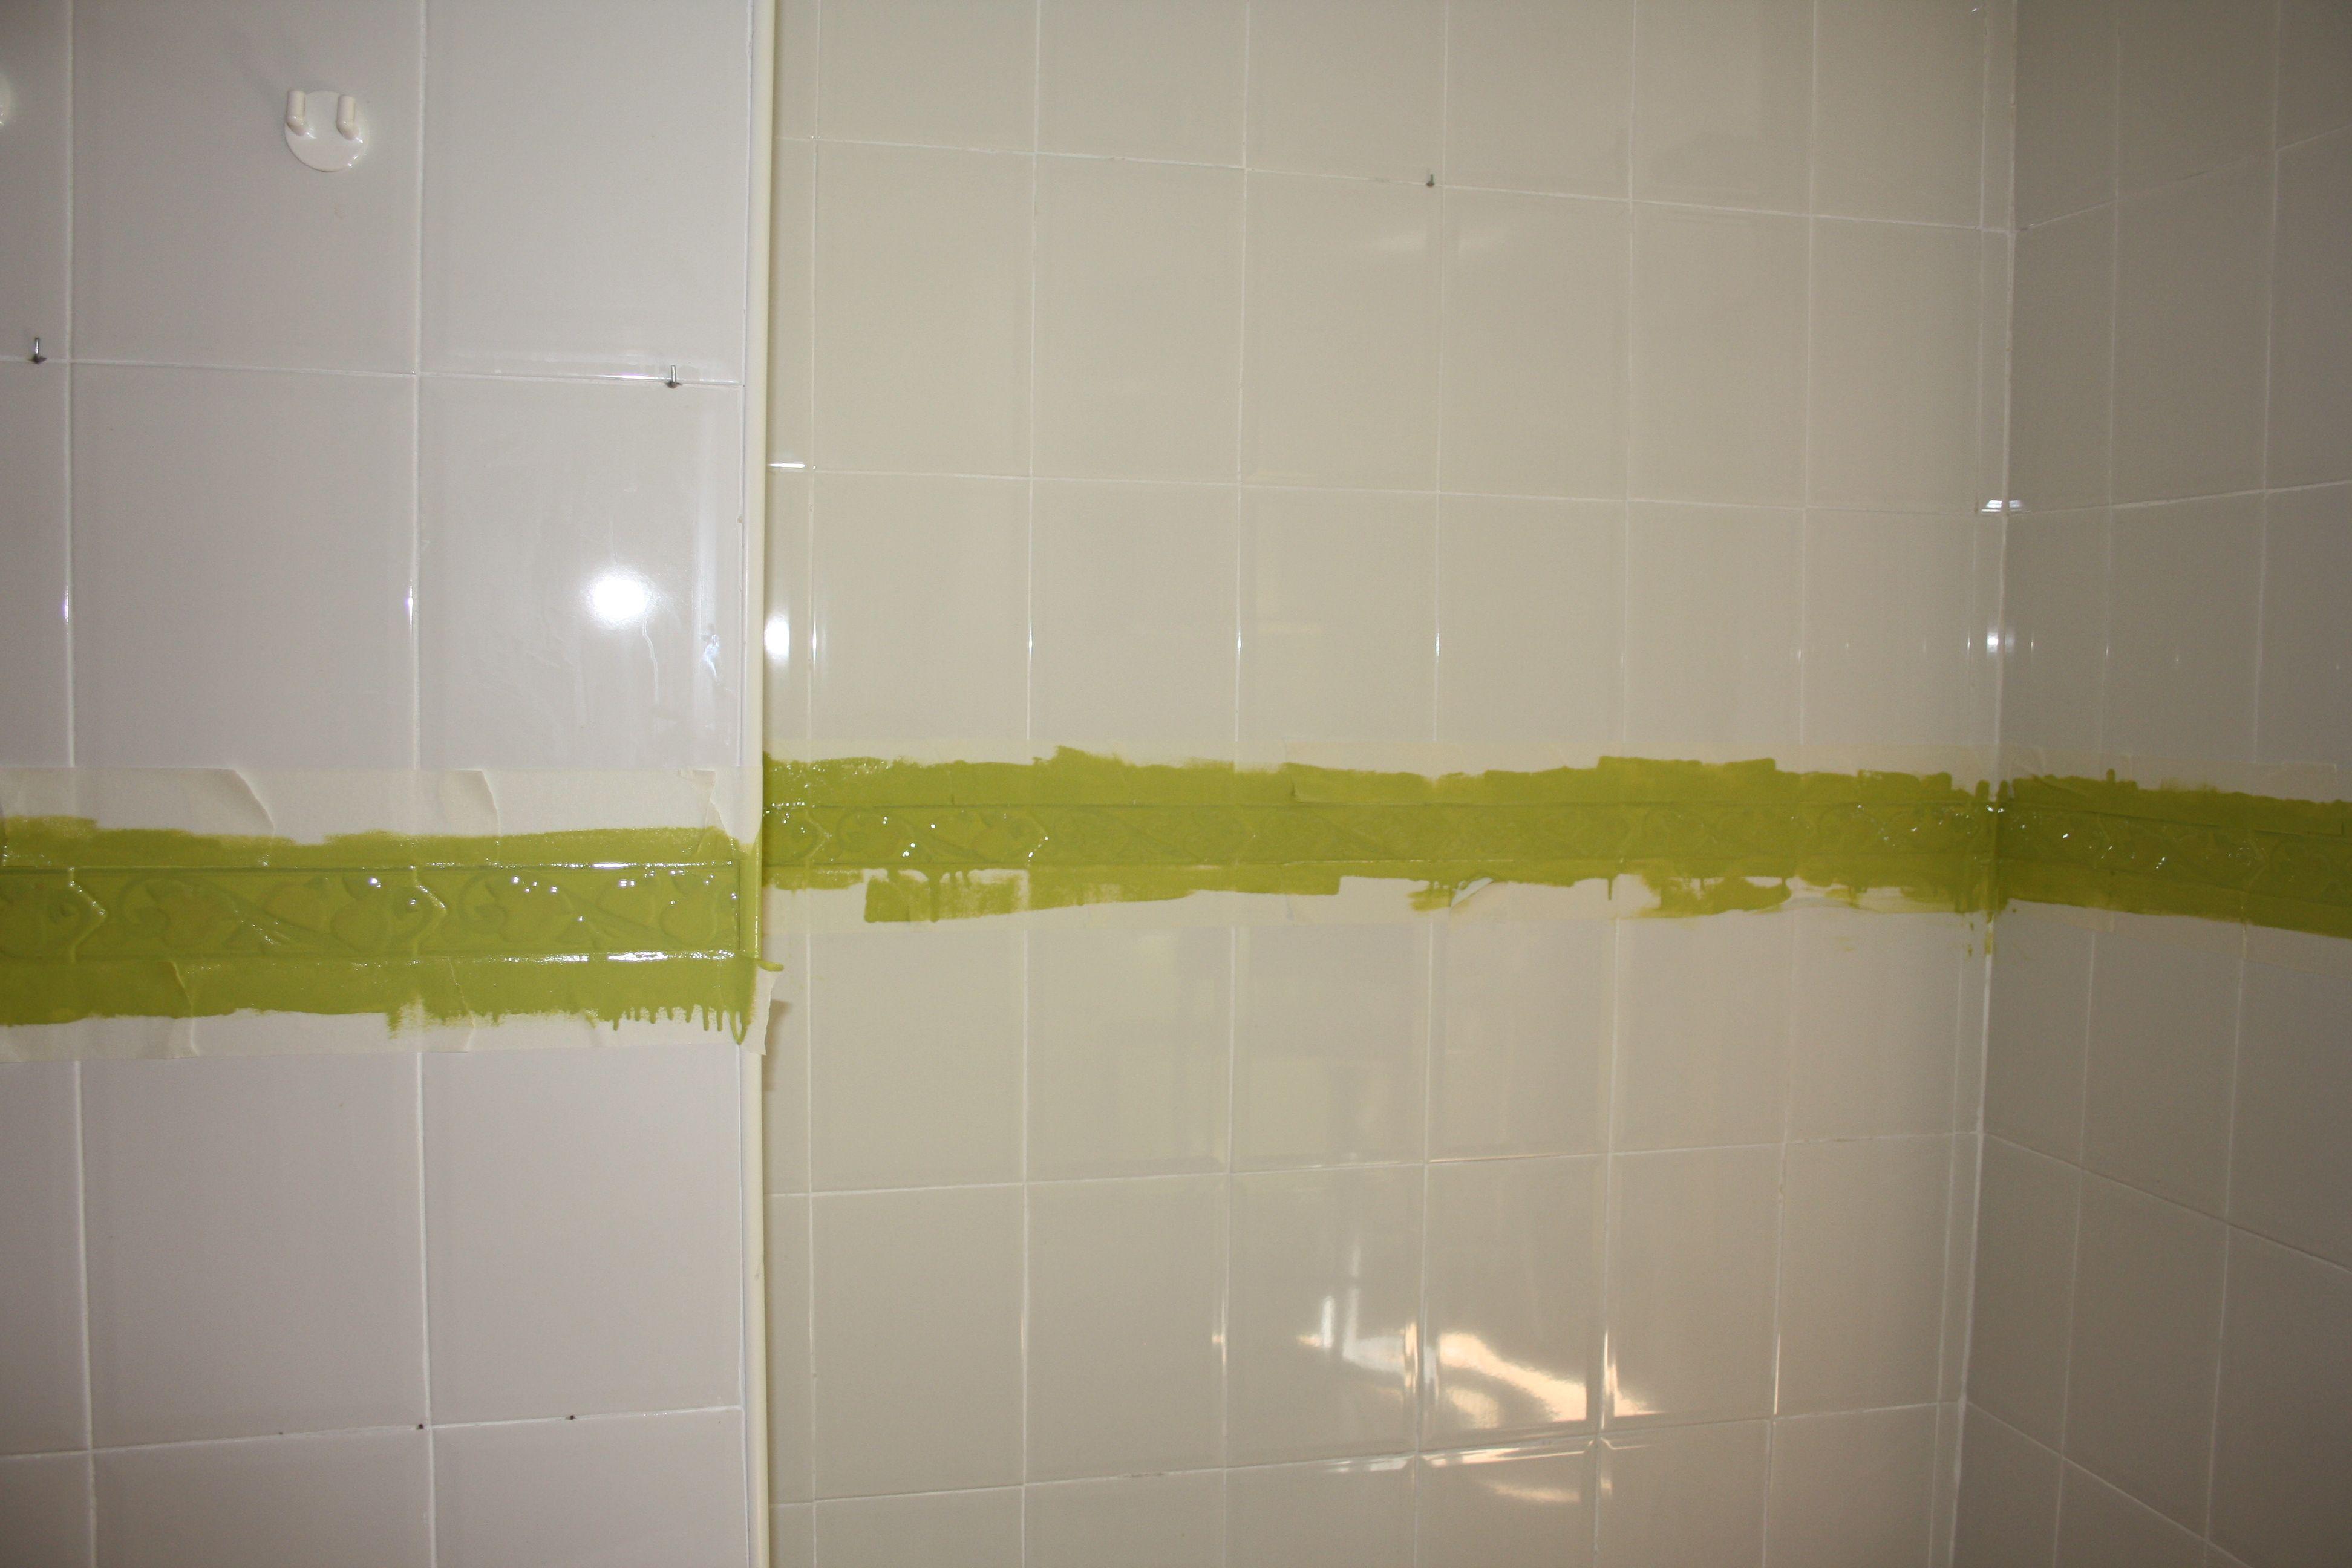 Pintura azulejos ba o bruguer - Pintar azulejos de cocina ideas ...